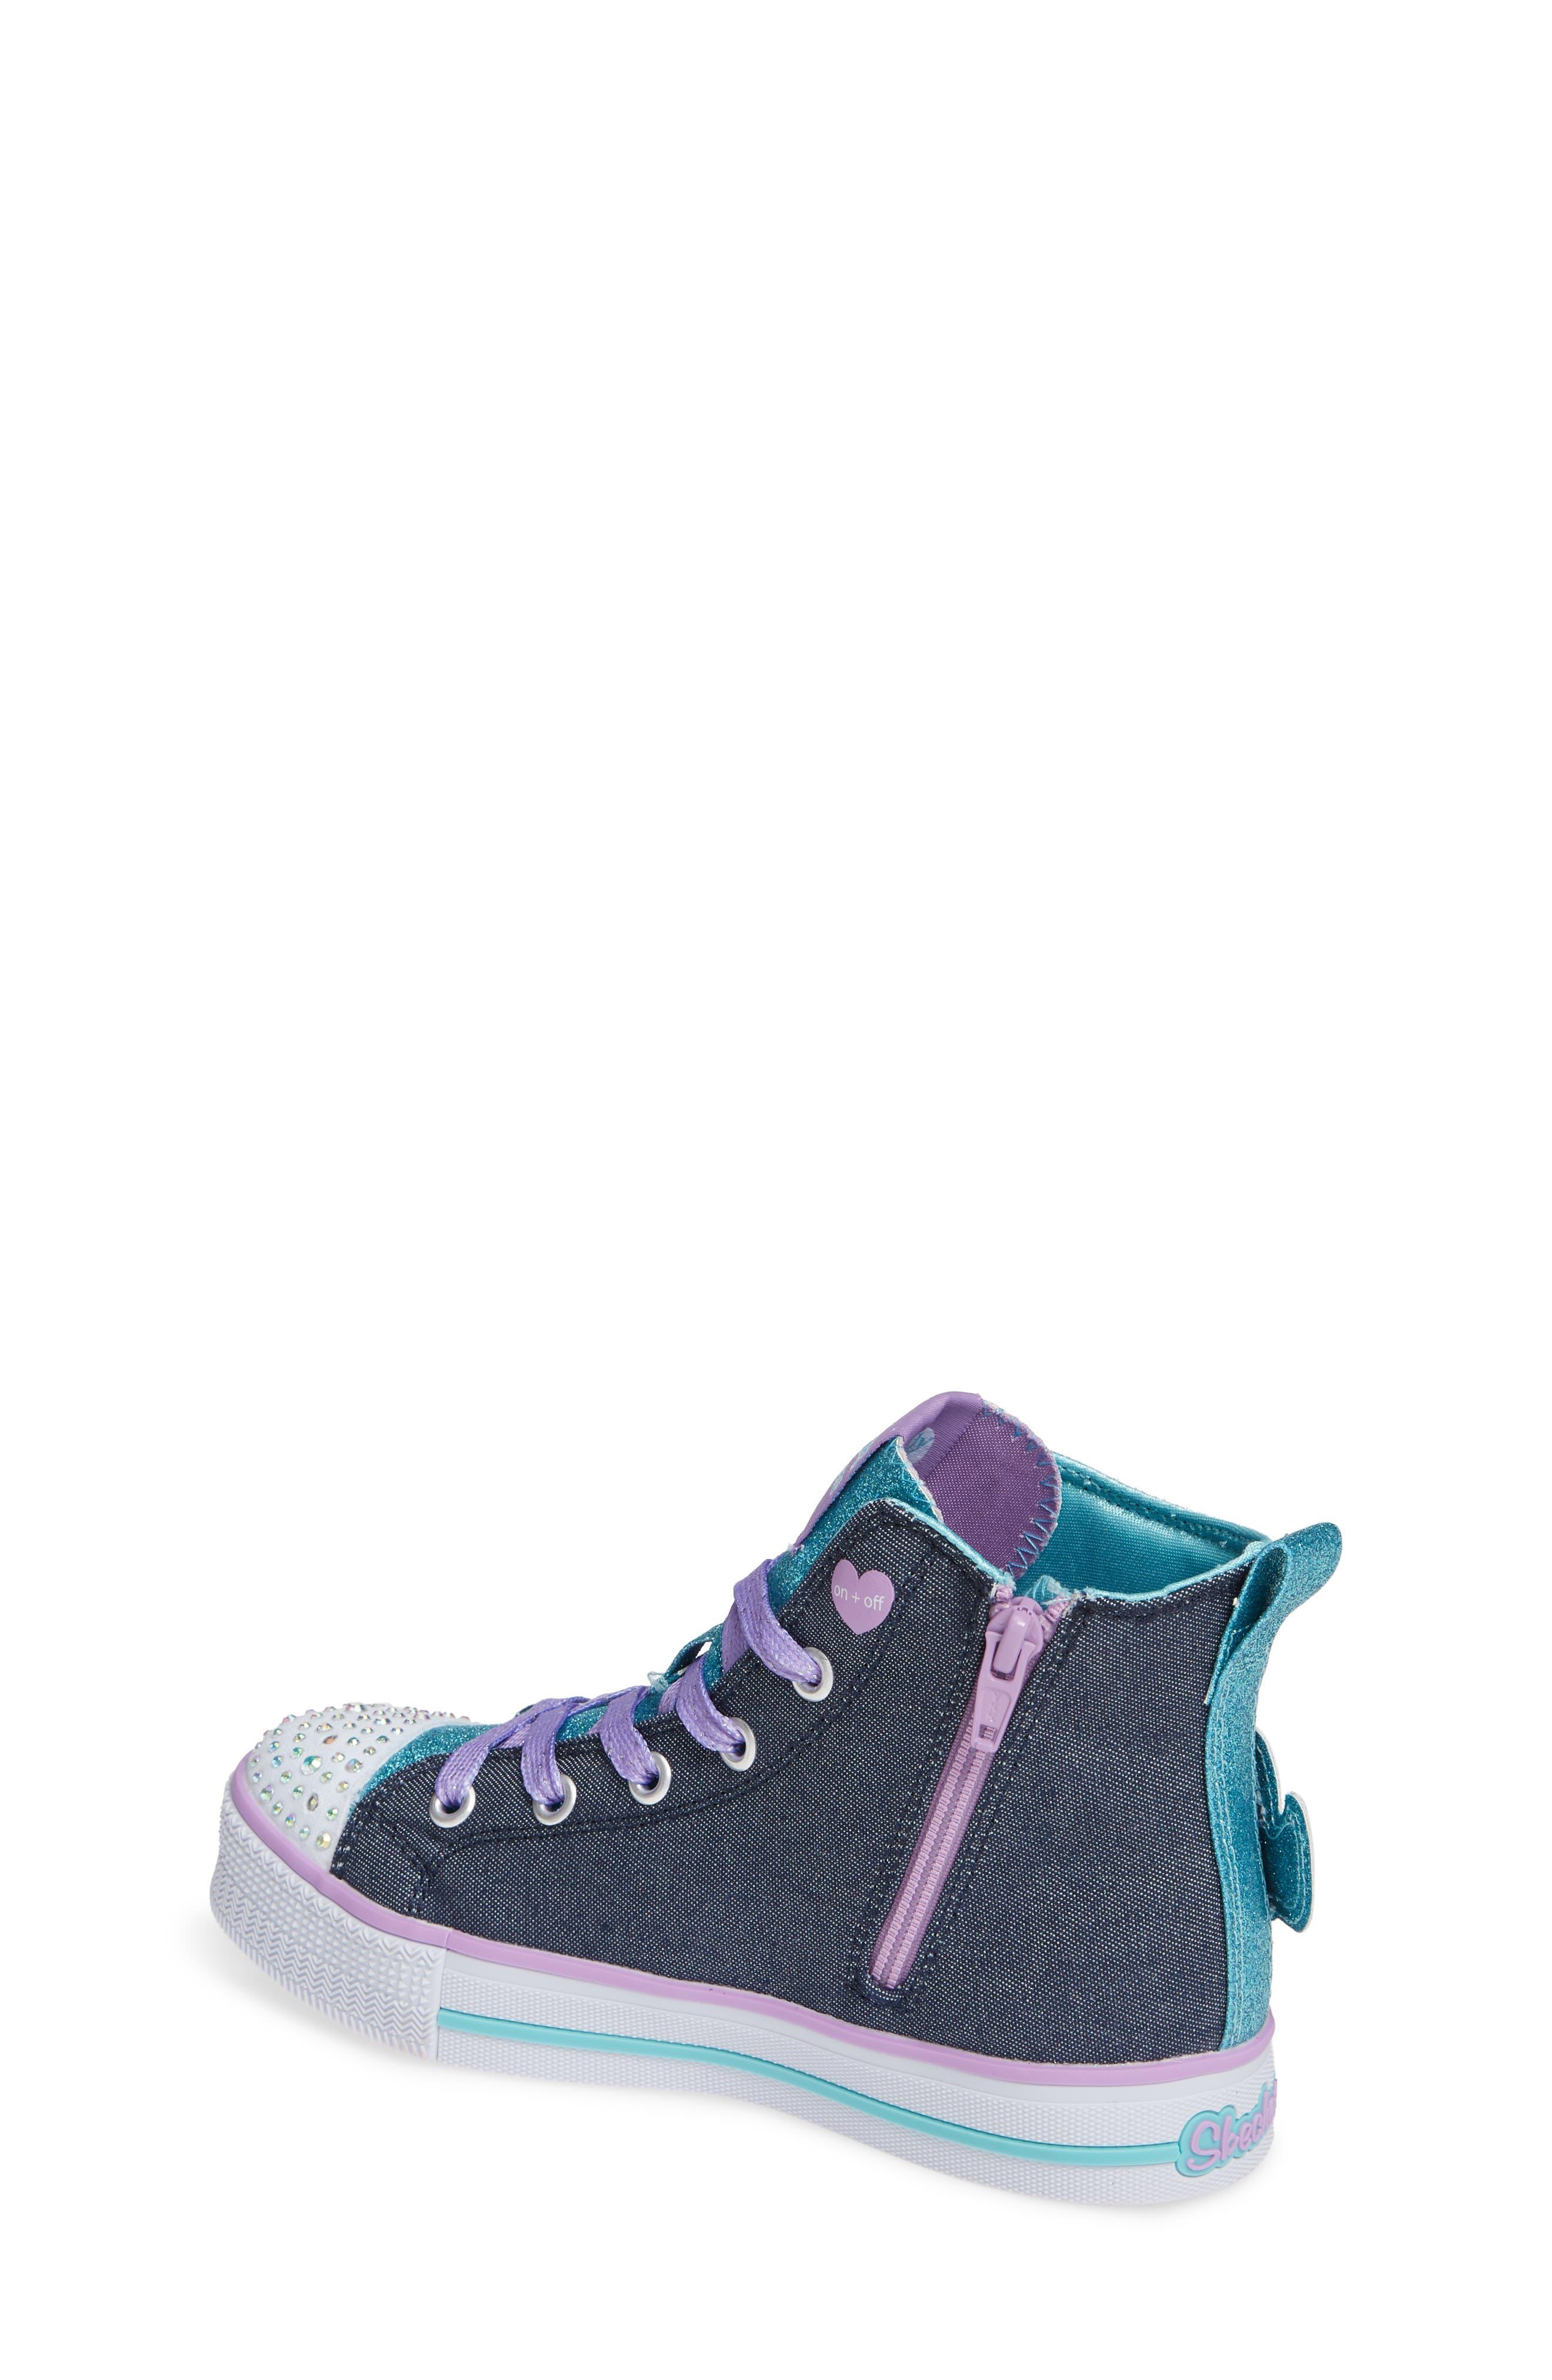 Twinkle Lite Glitter Sneaker,                             Alternate thumbnail 2, color,                             468